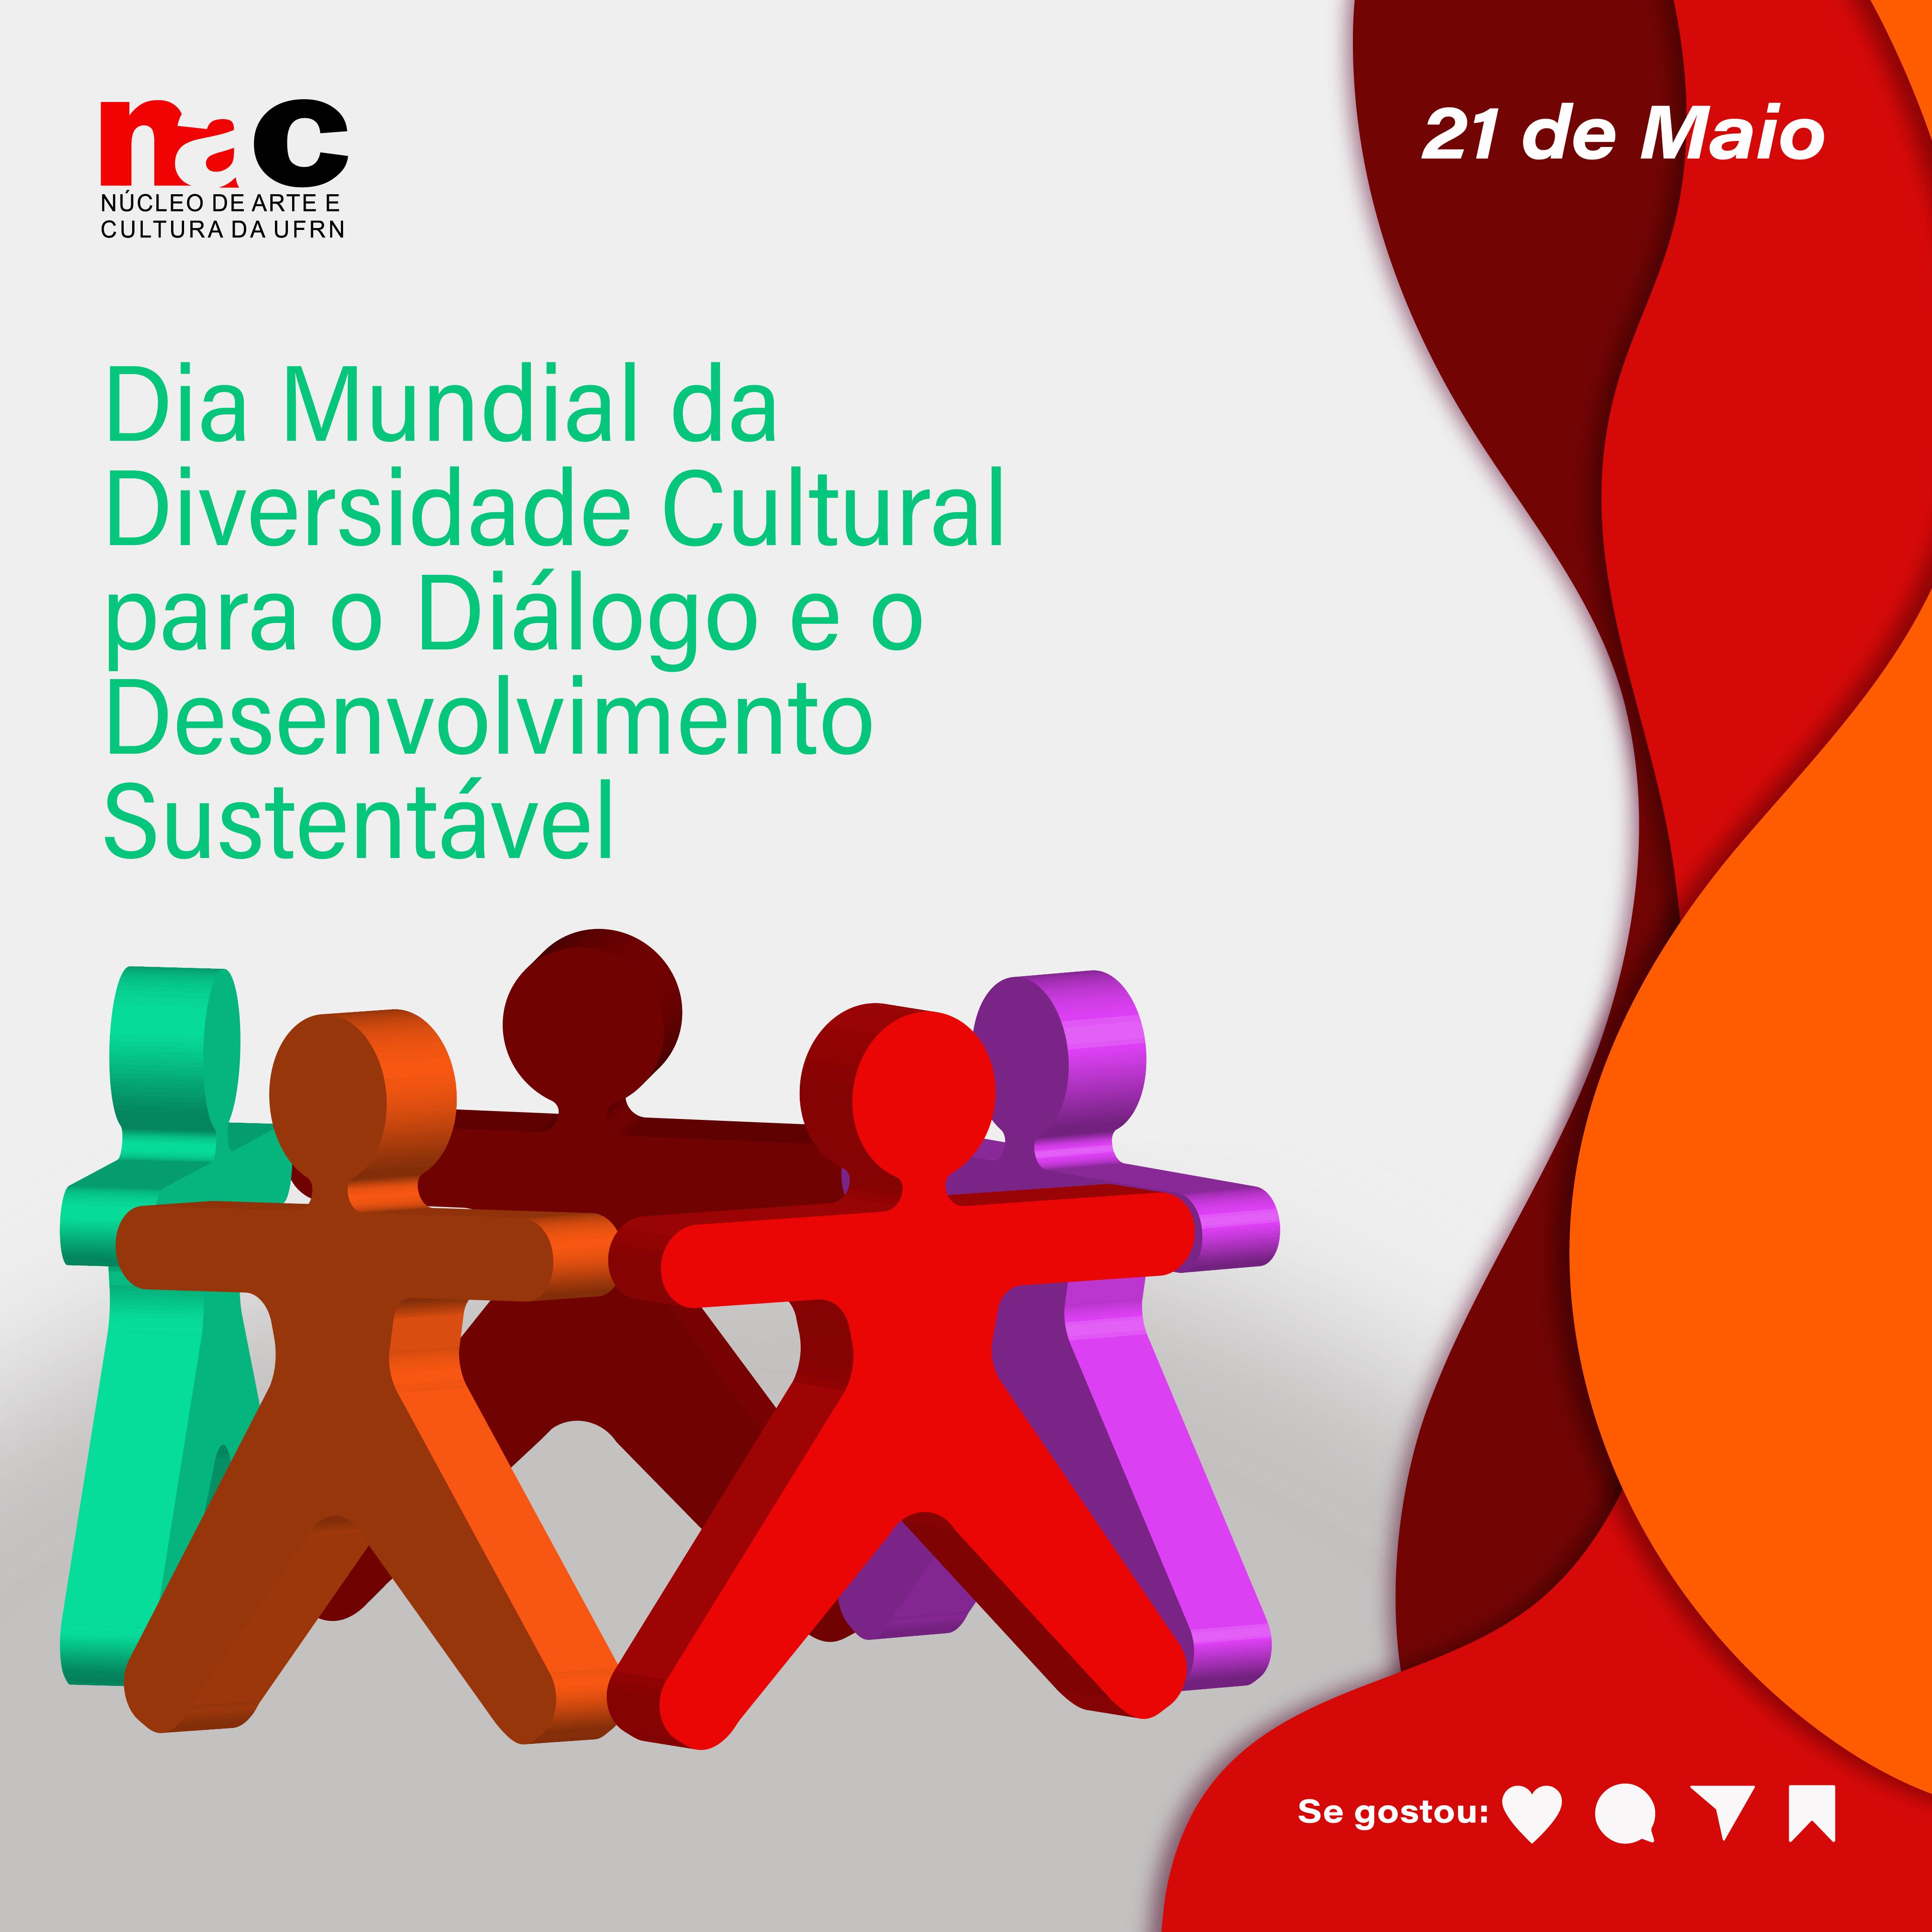 Dia Mundial da Diversidade Cultural para o Diálogo e o Desenvolvimento